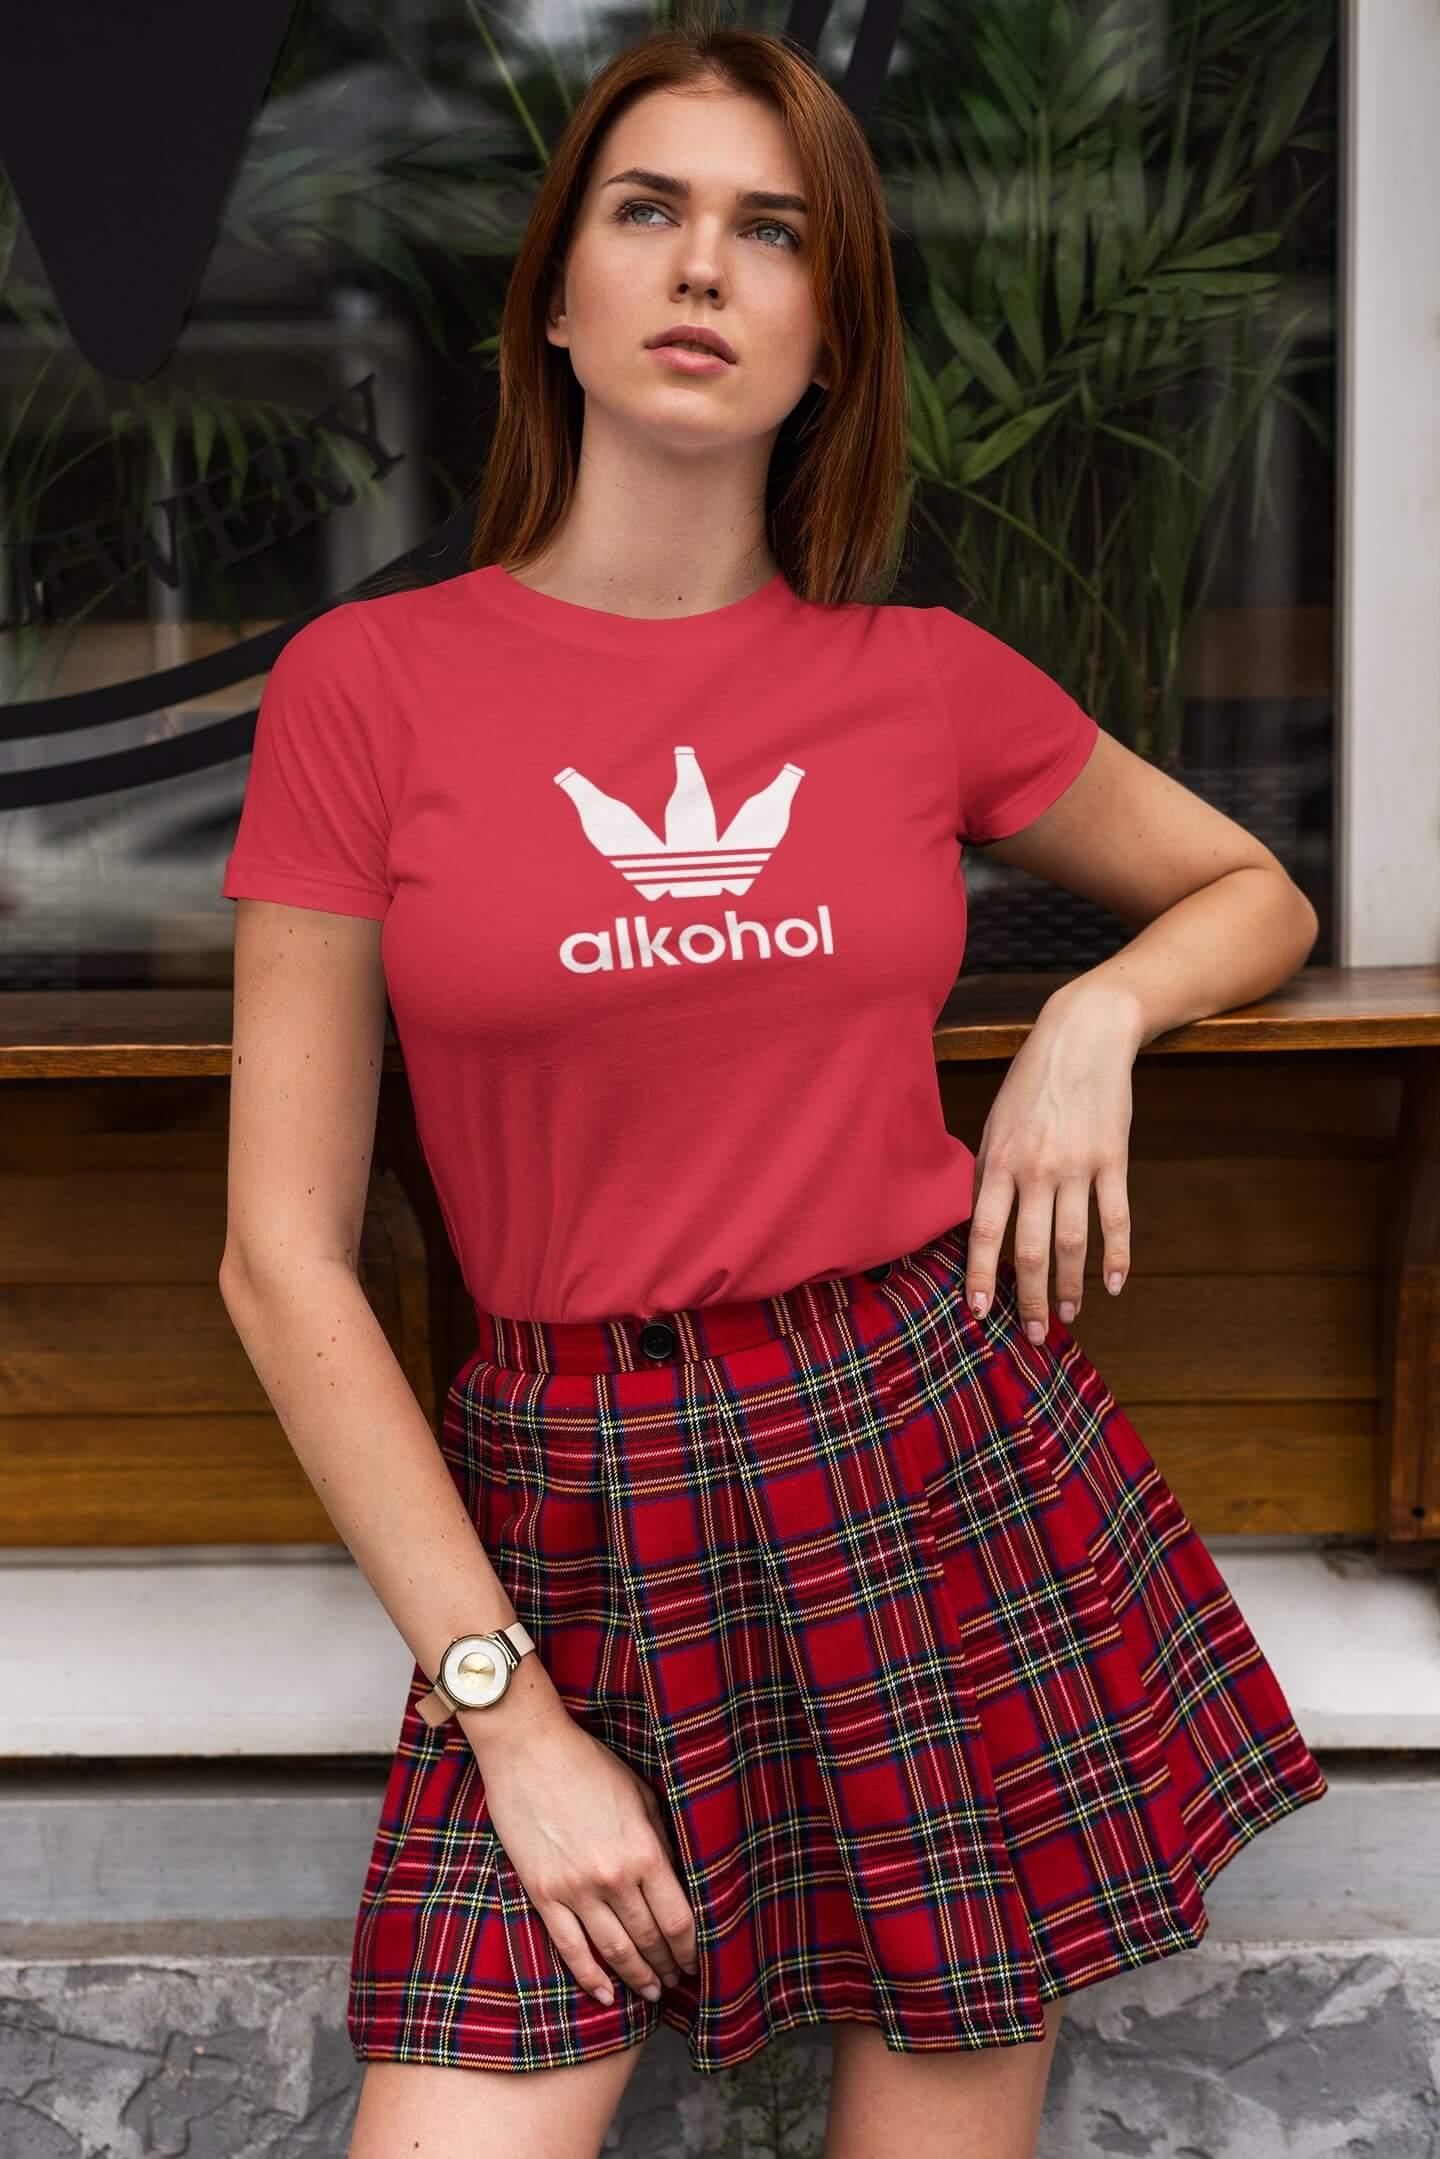 MMO Dámske tričko s Flaškami Vyberte farbu: Červená, Vyberte veľkosť: XL